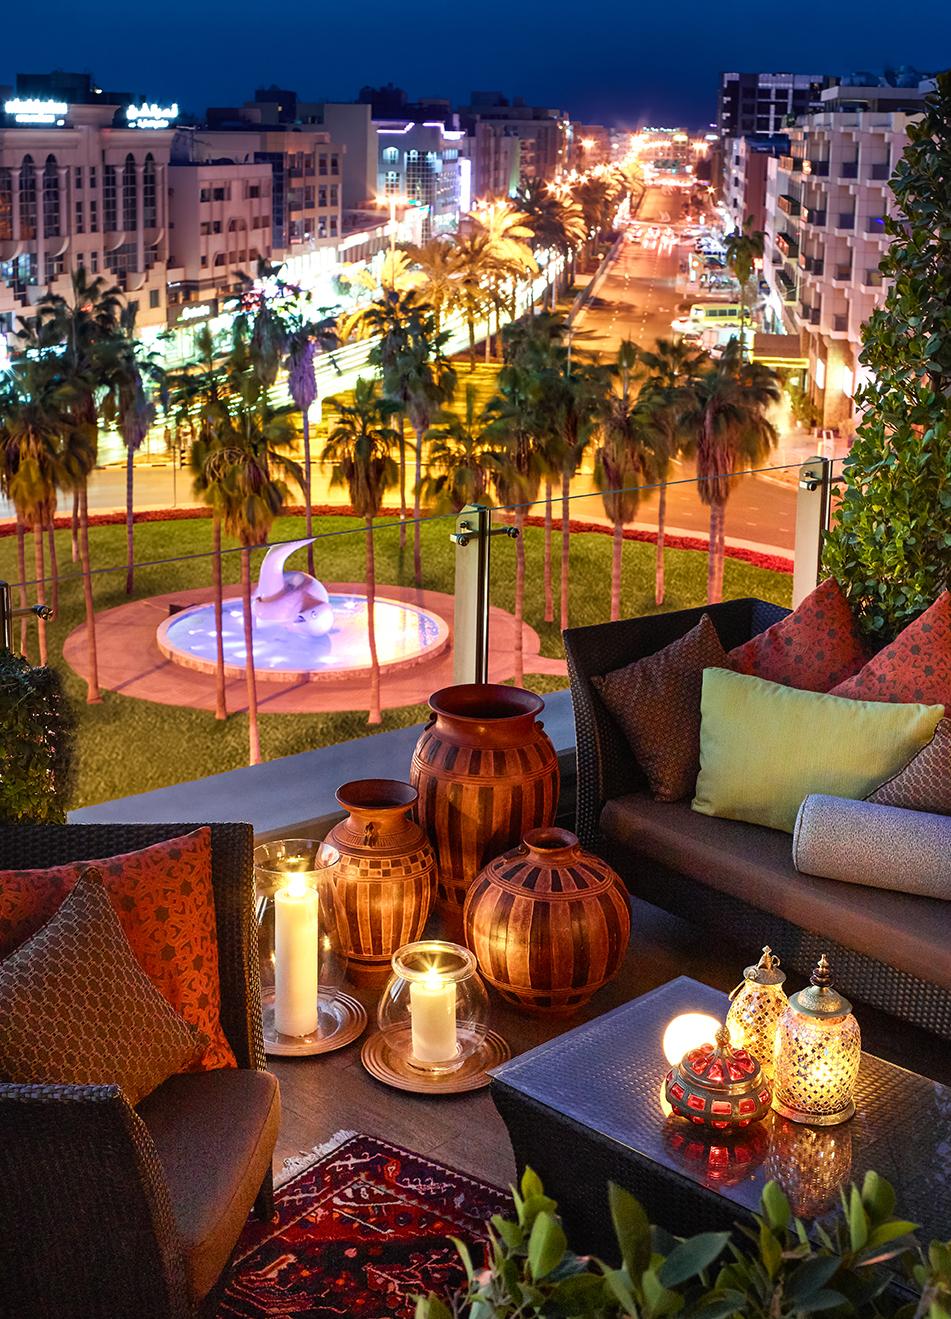 فندق سويس أوتيل الغرير يقدم تجربة برنش فريدة خلال عيد الفصح